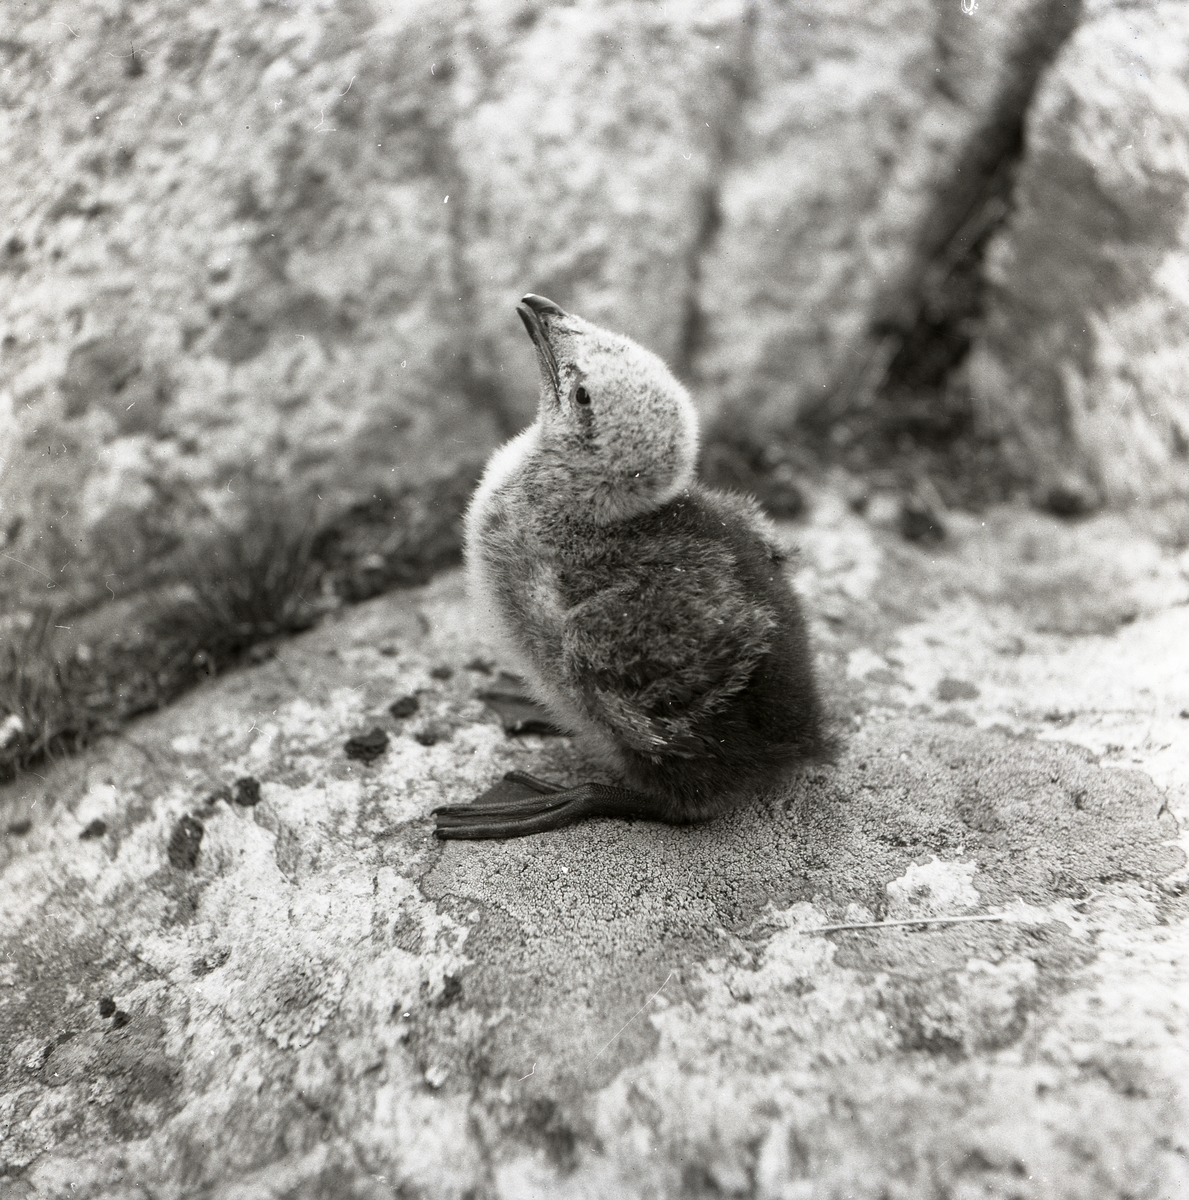 En fågelunge sitter på en sten.